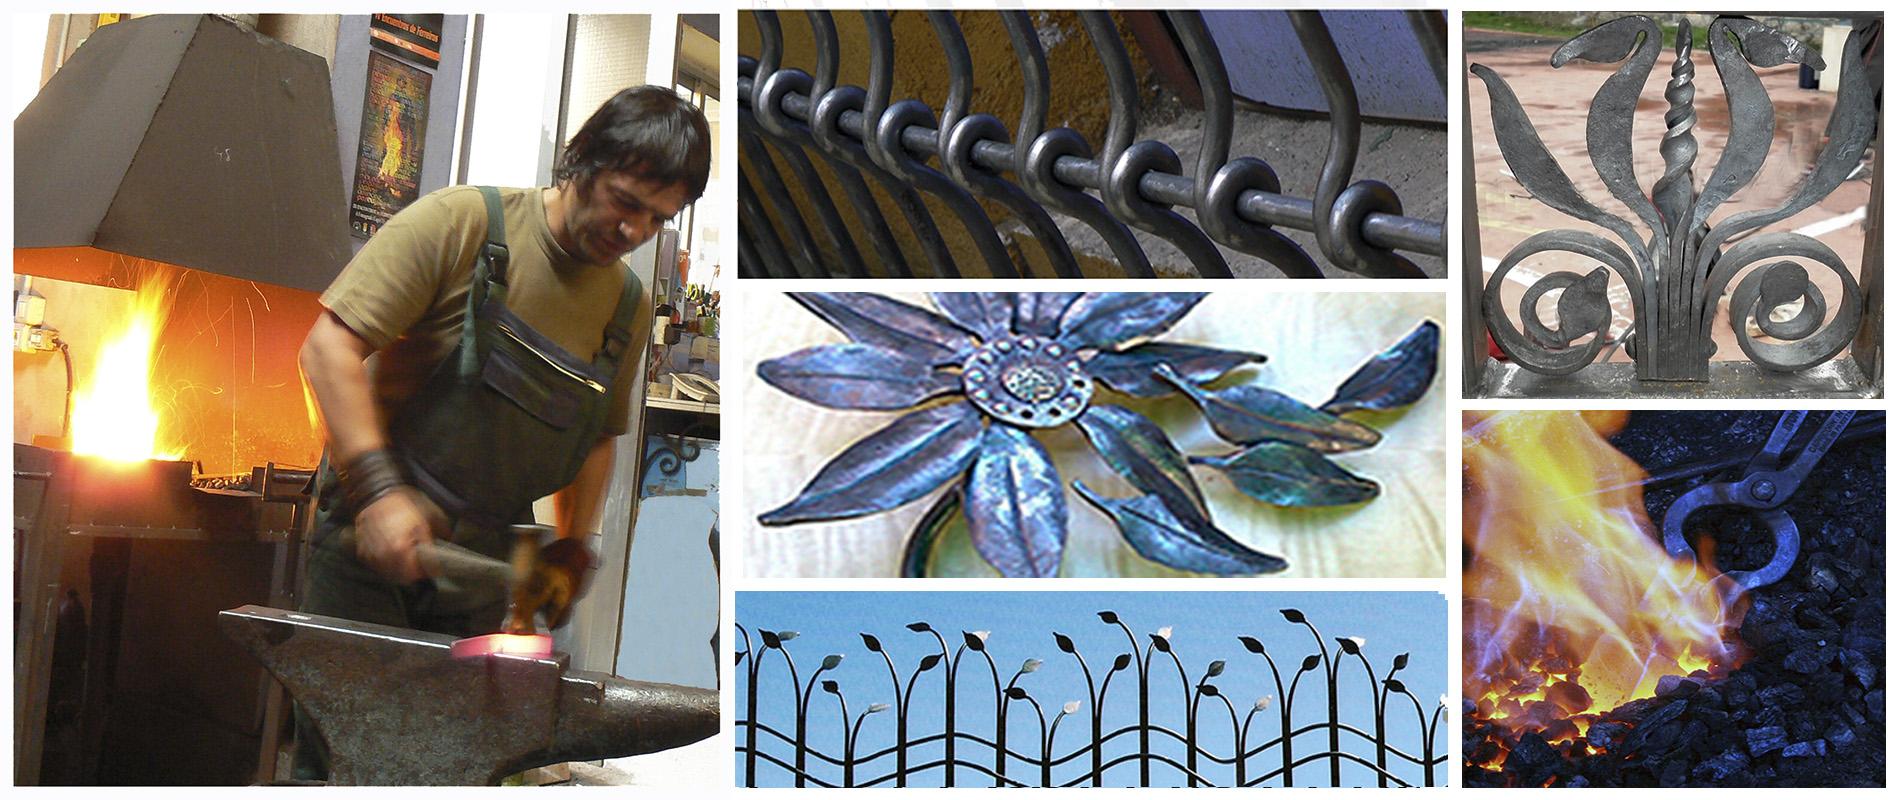 Collage, forja, herrero, fuego, metalmorfosis